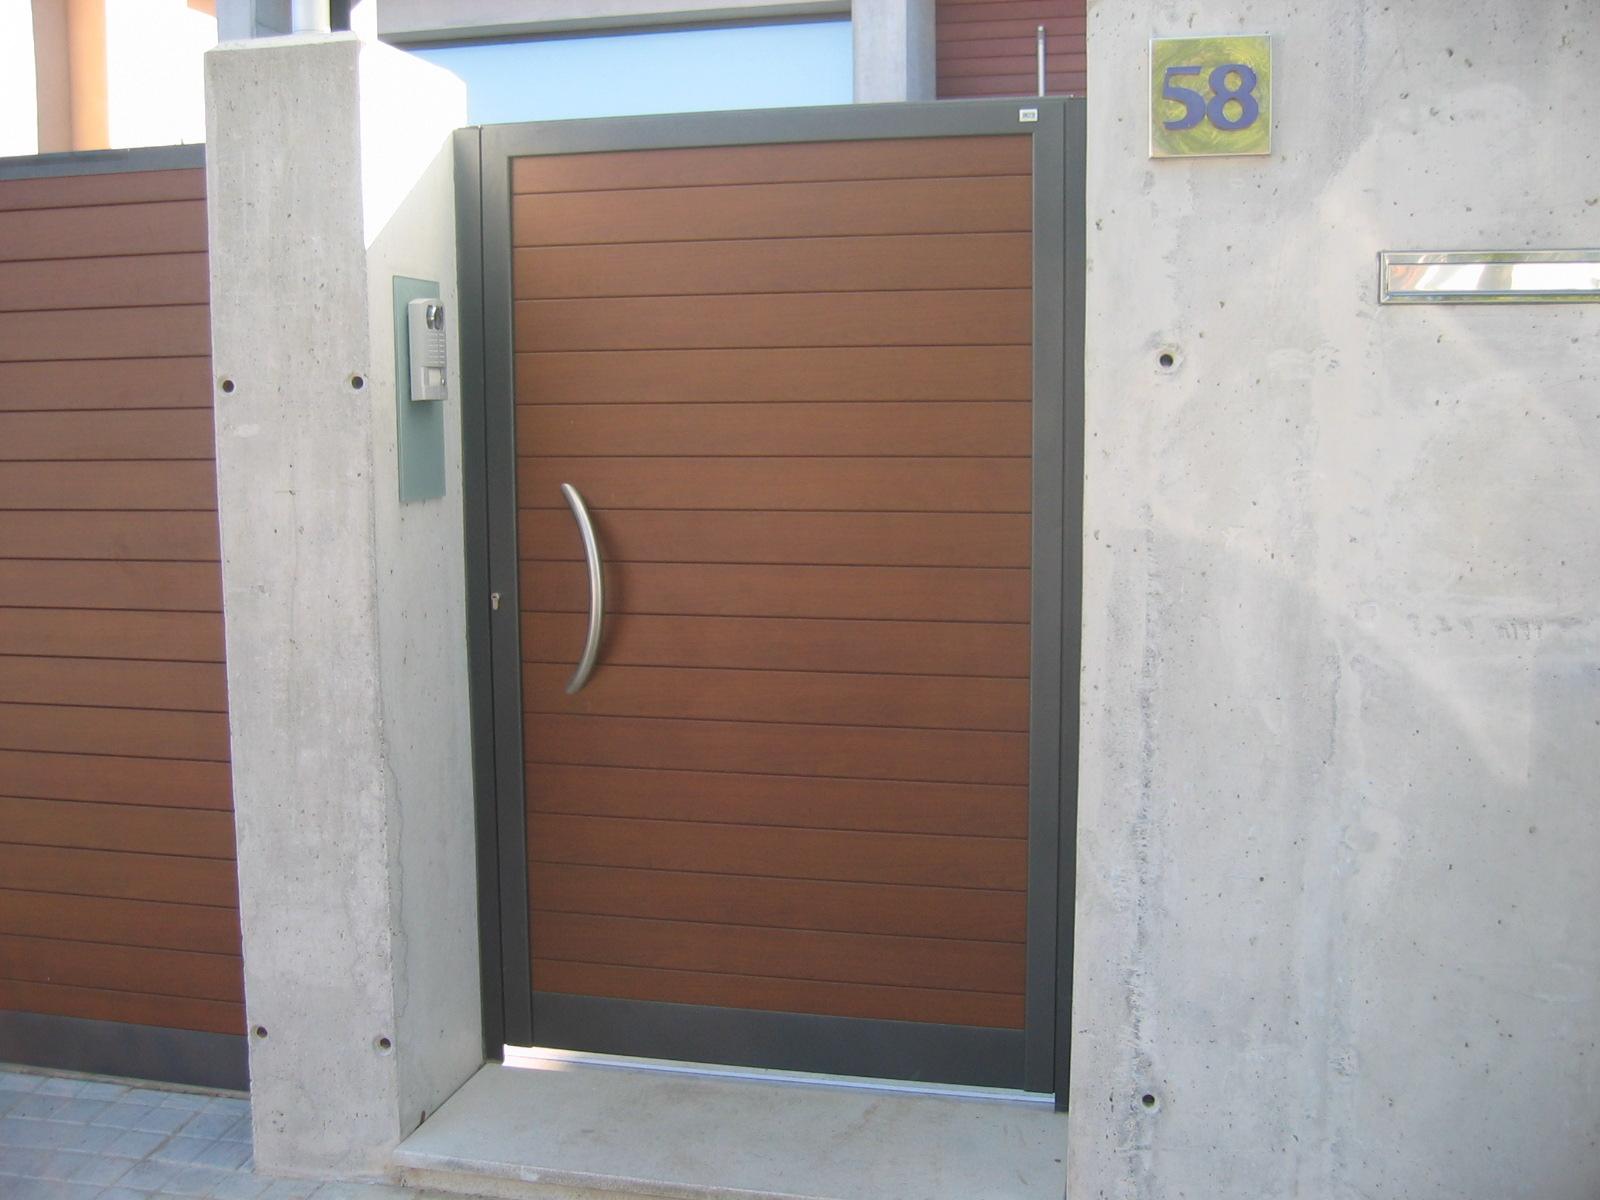 Ancesa Puerta De Aluminio Para La Entrada Del Jard N ~ Puertas De Exterior De Aluminio Precios